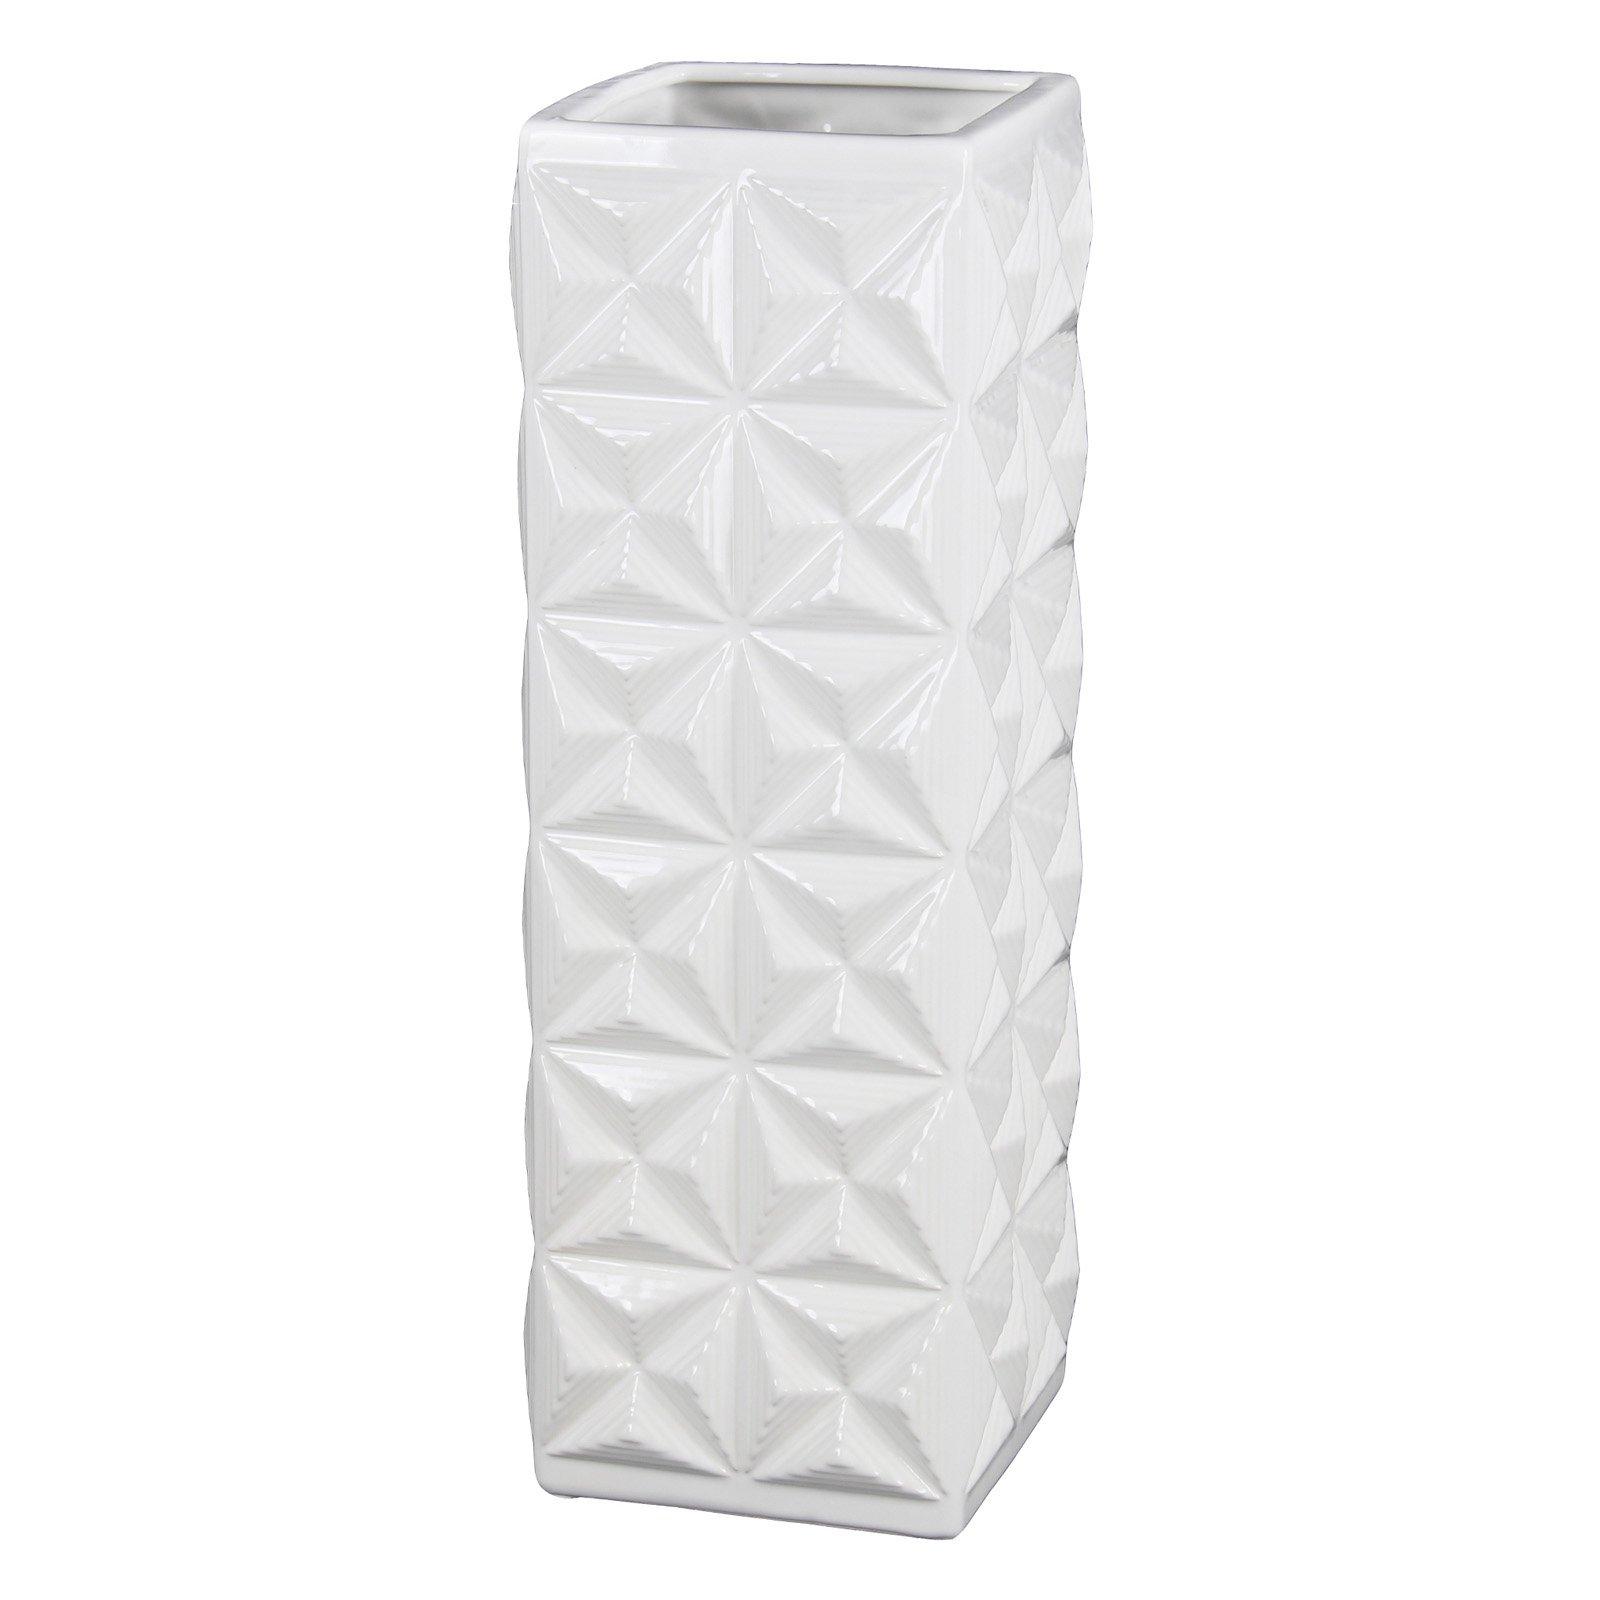 Privilege International Ceramic Square Geometric Table Vase Geometric Table Table Vases Faceted Design